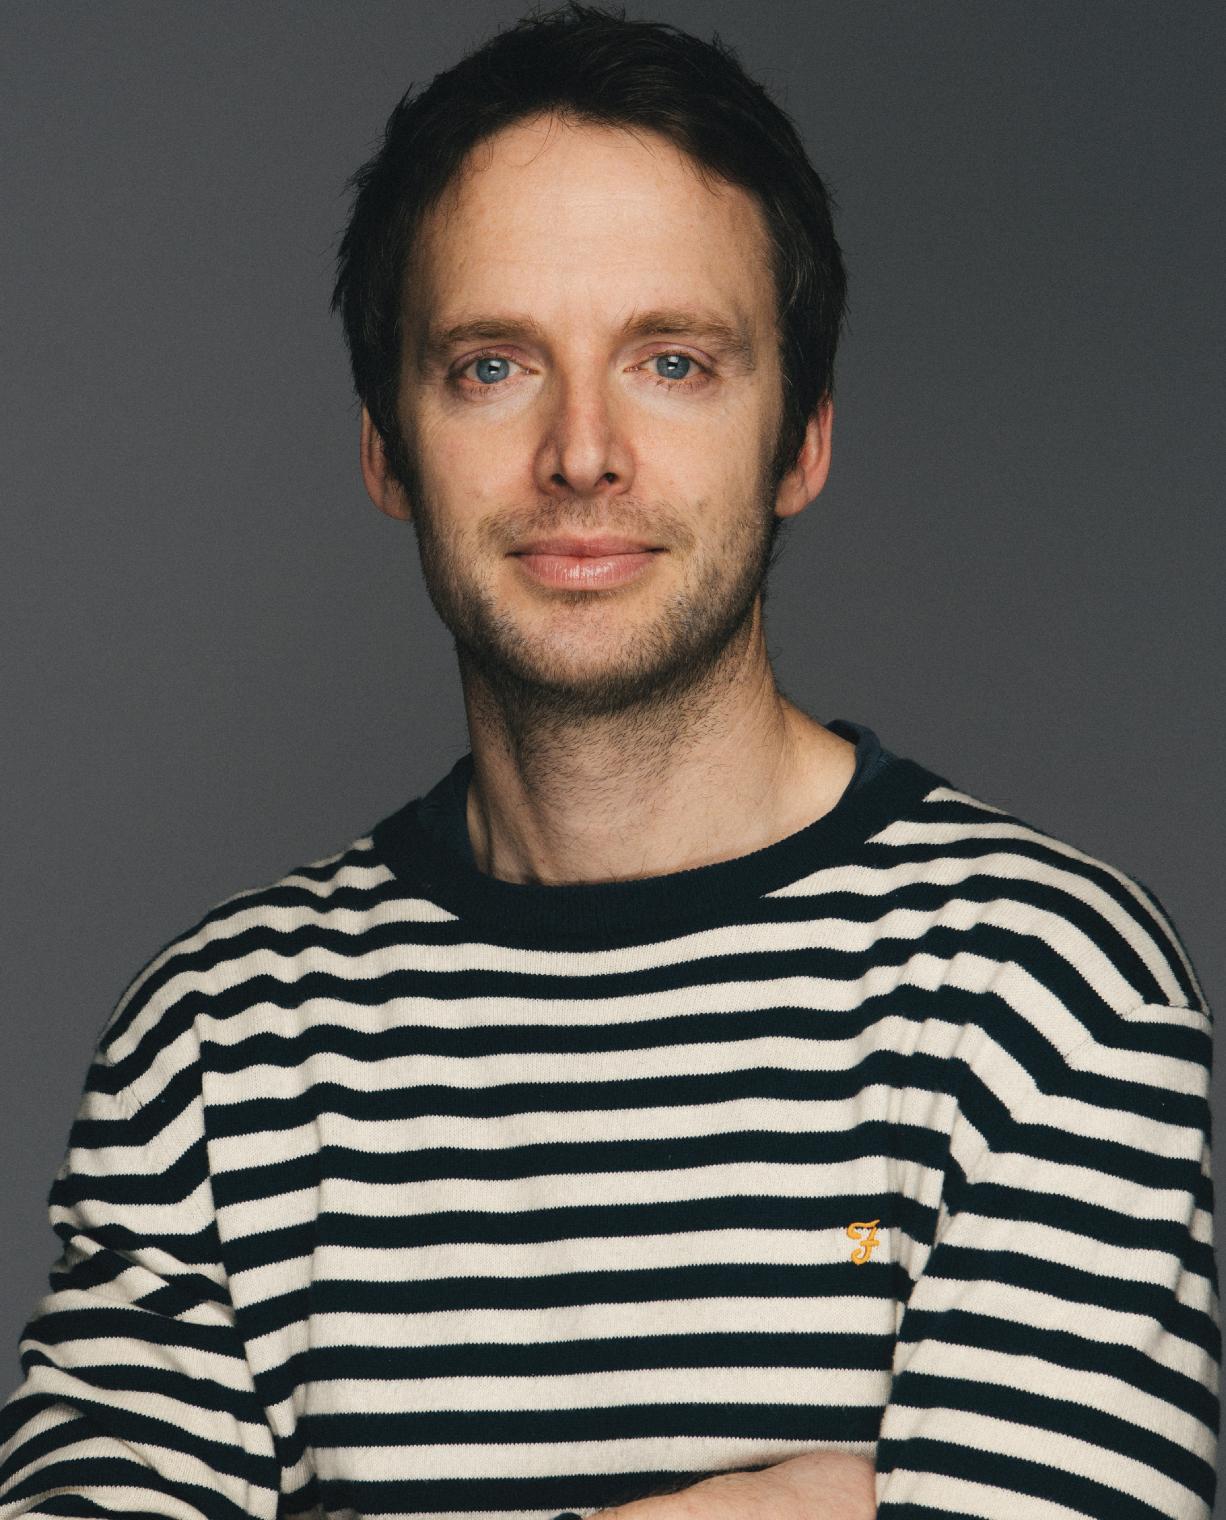 Meet John Pritchard, the entrepreneur creating change with Pala Eyewear.